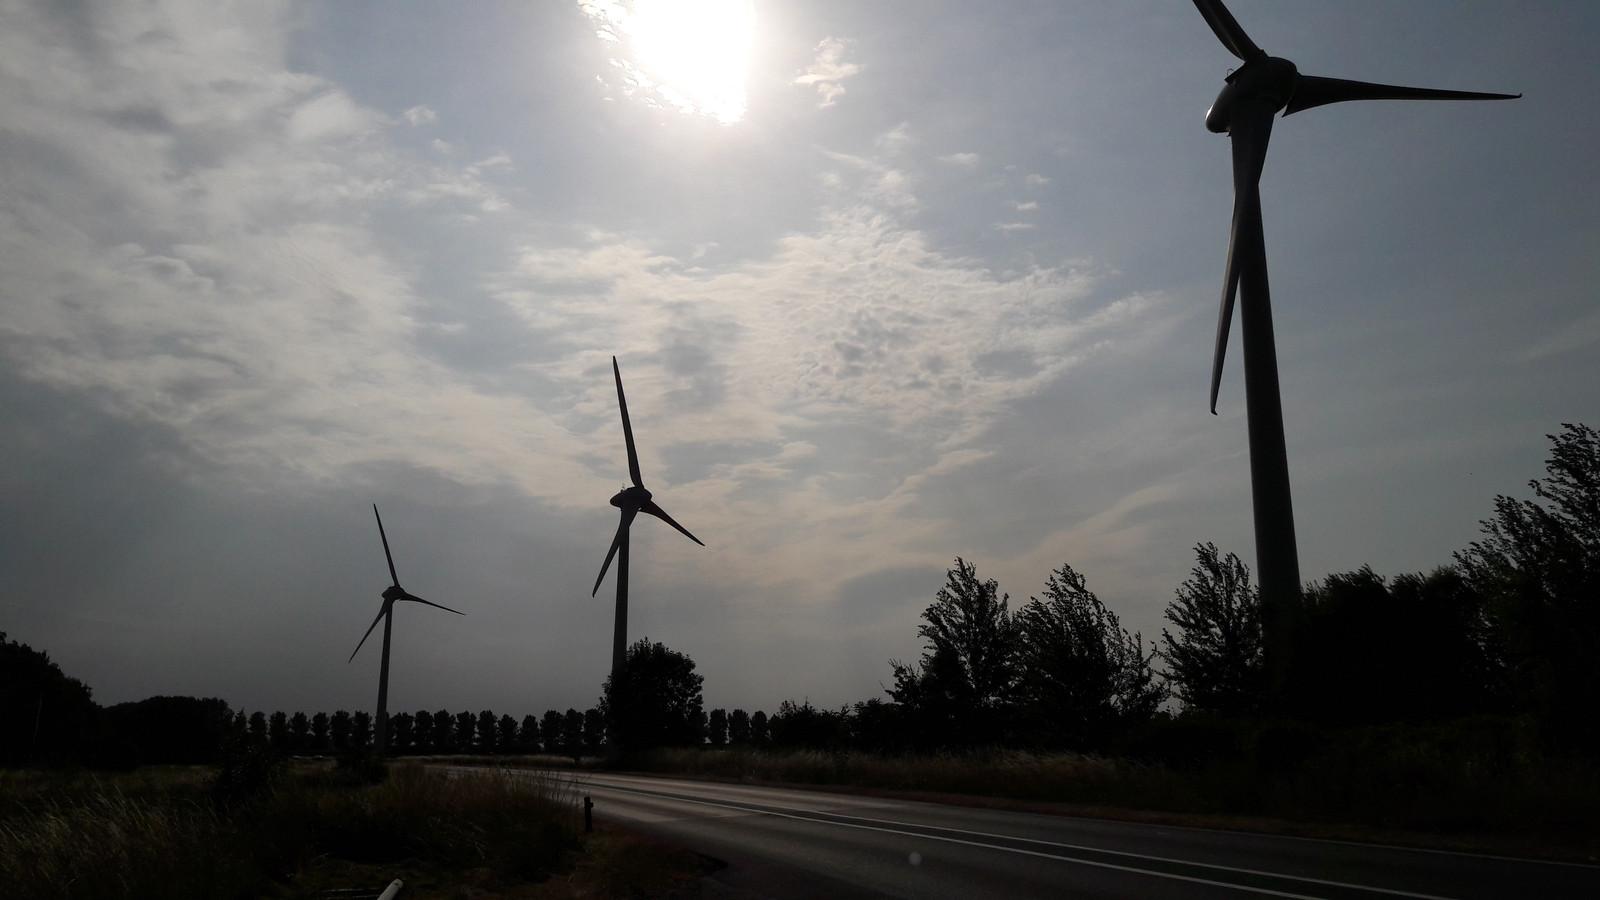 De drie windmolens van Windkracht 6 staan nog stil, maar draaien over een paar dagen.